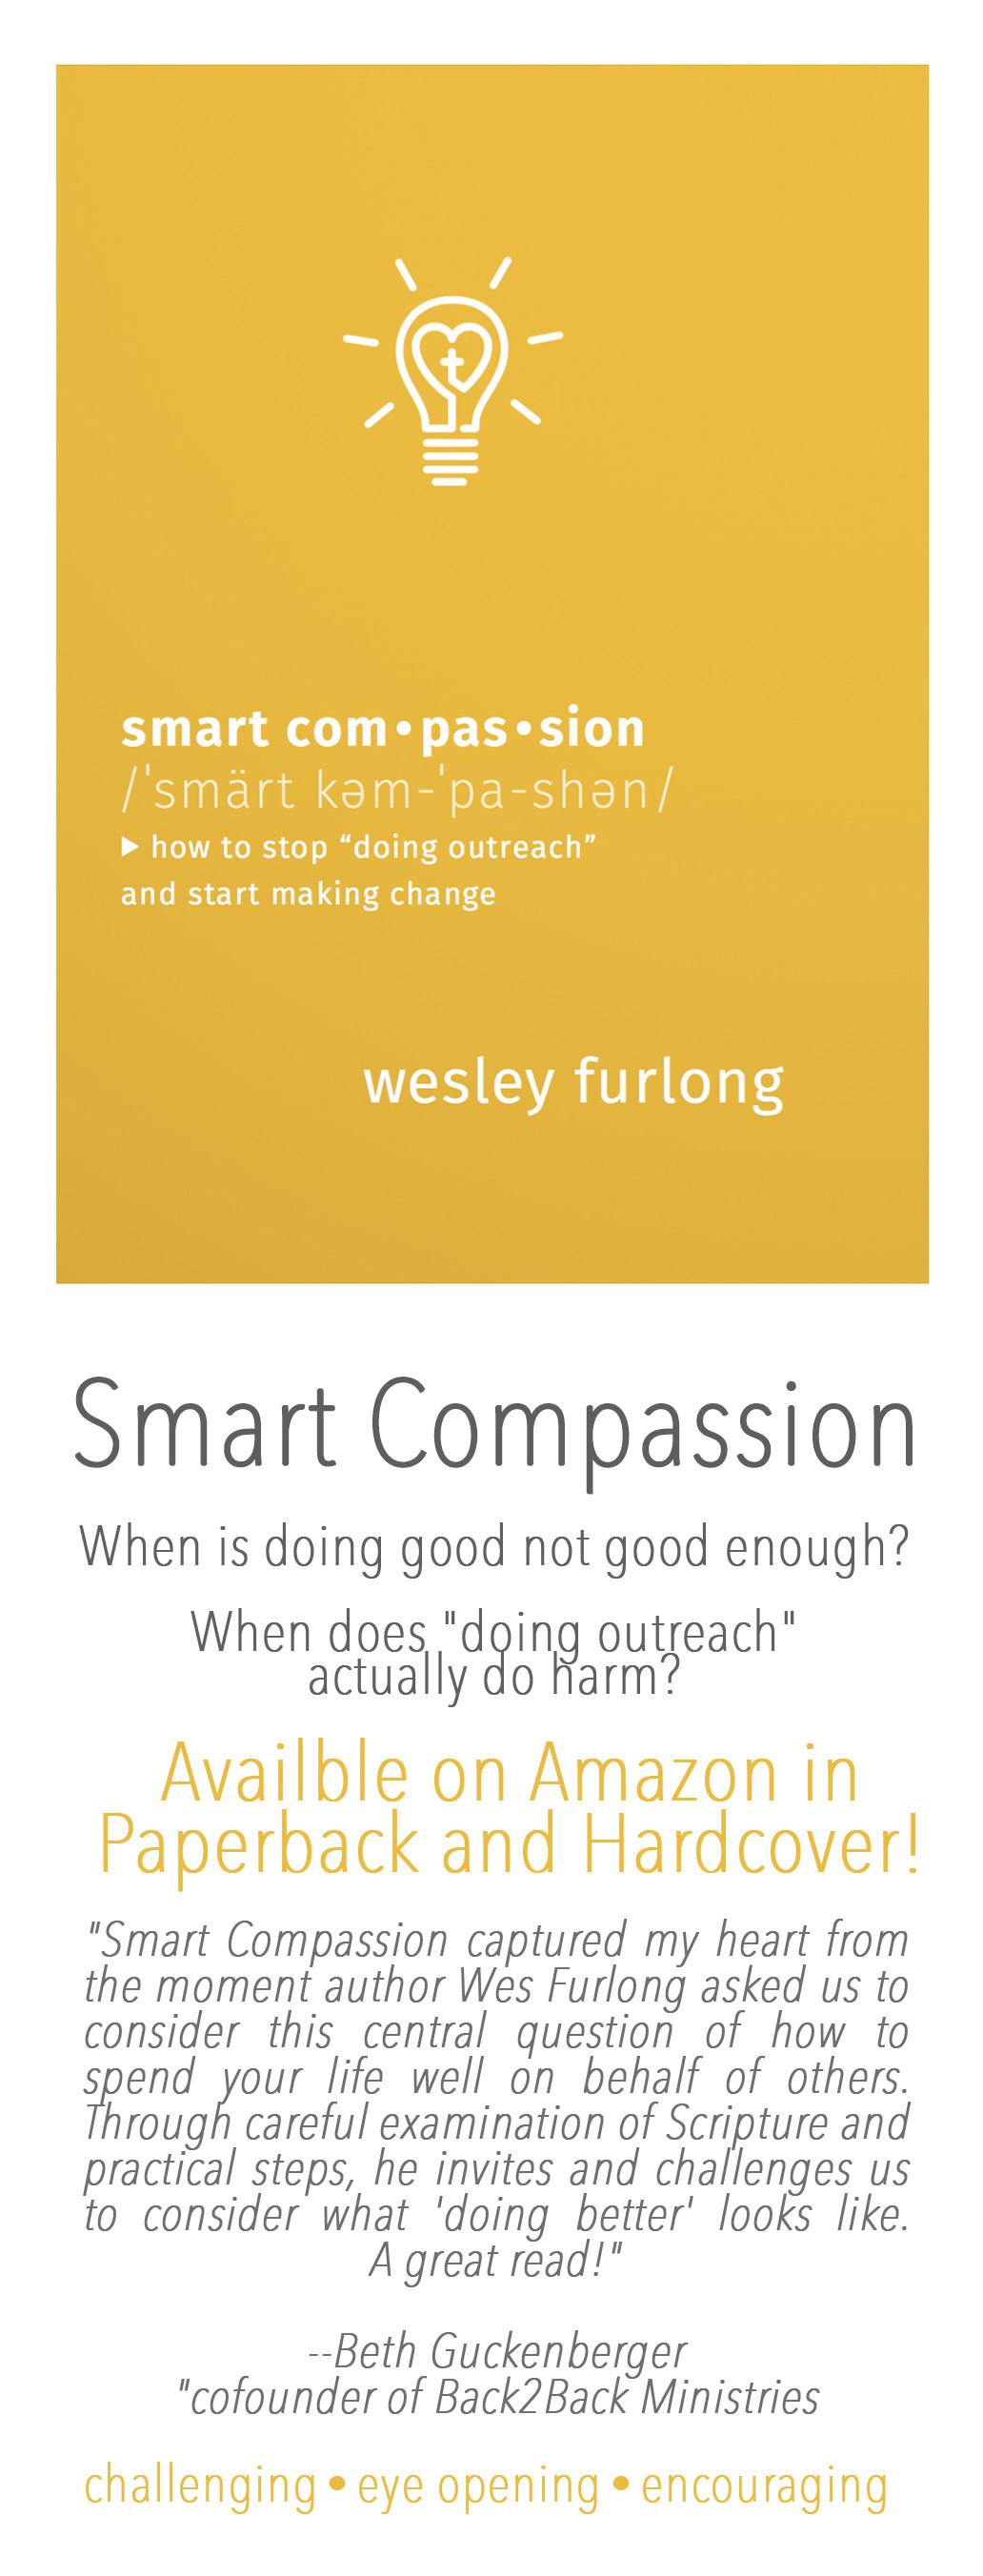 Wesley Furlong